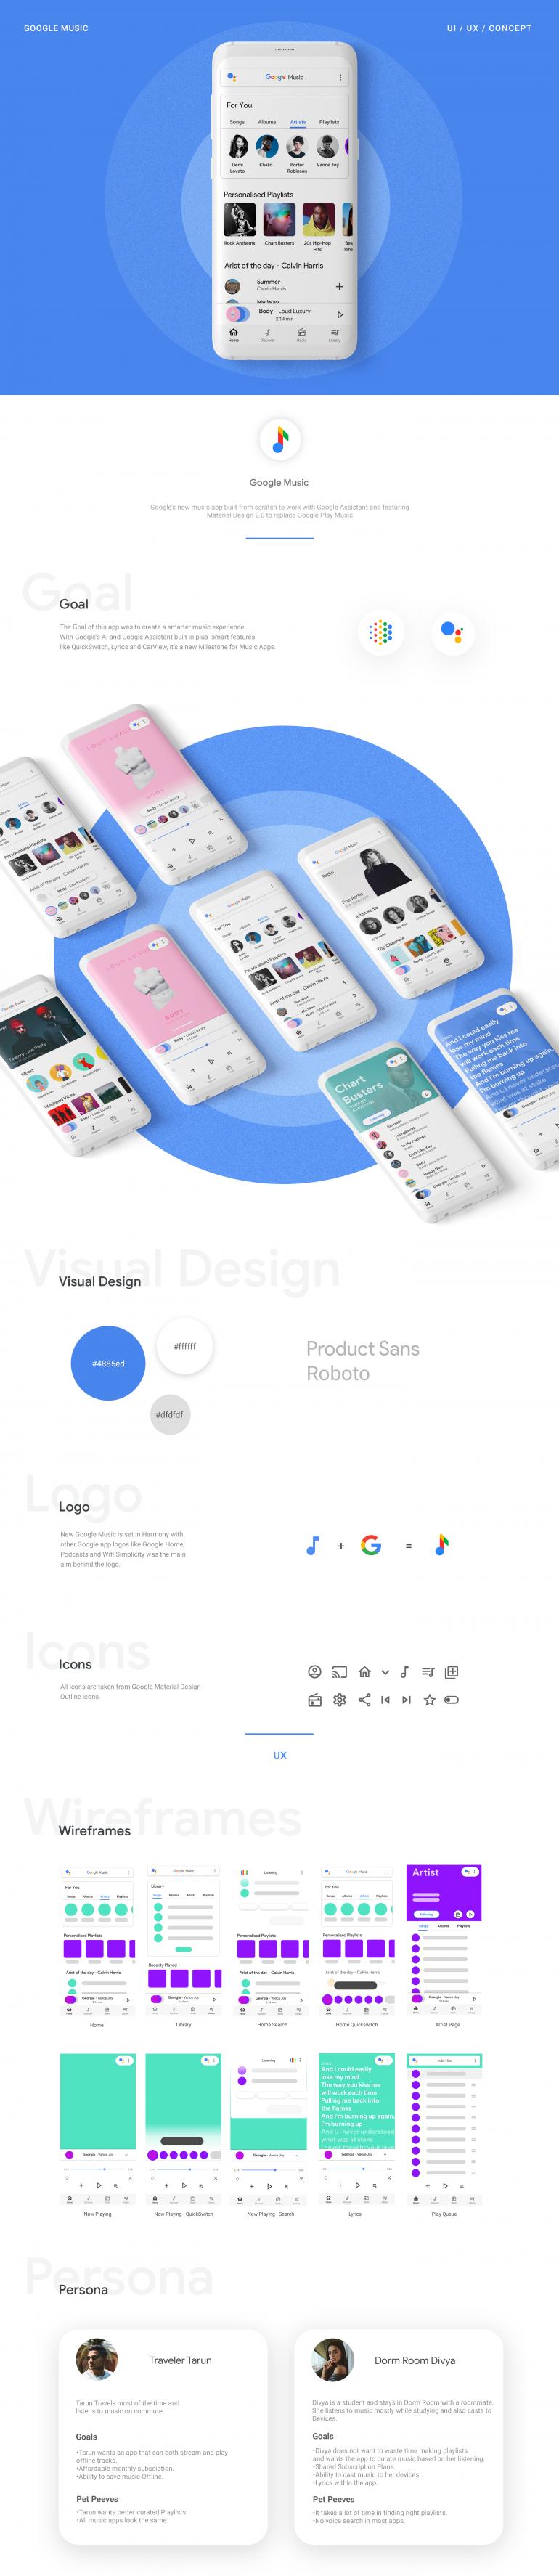 Google Music Redesign | UI/UX